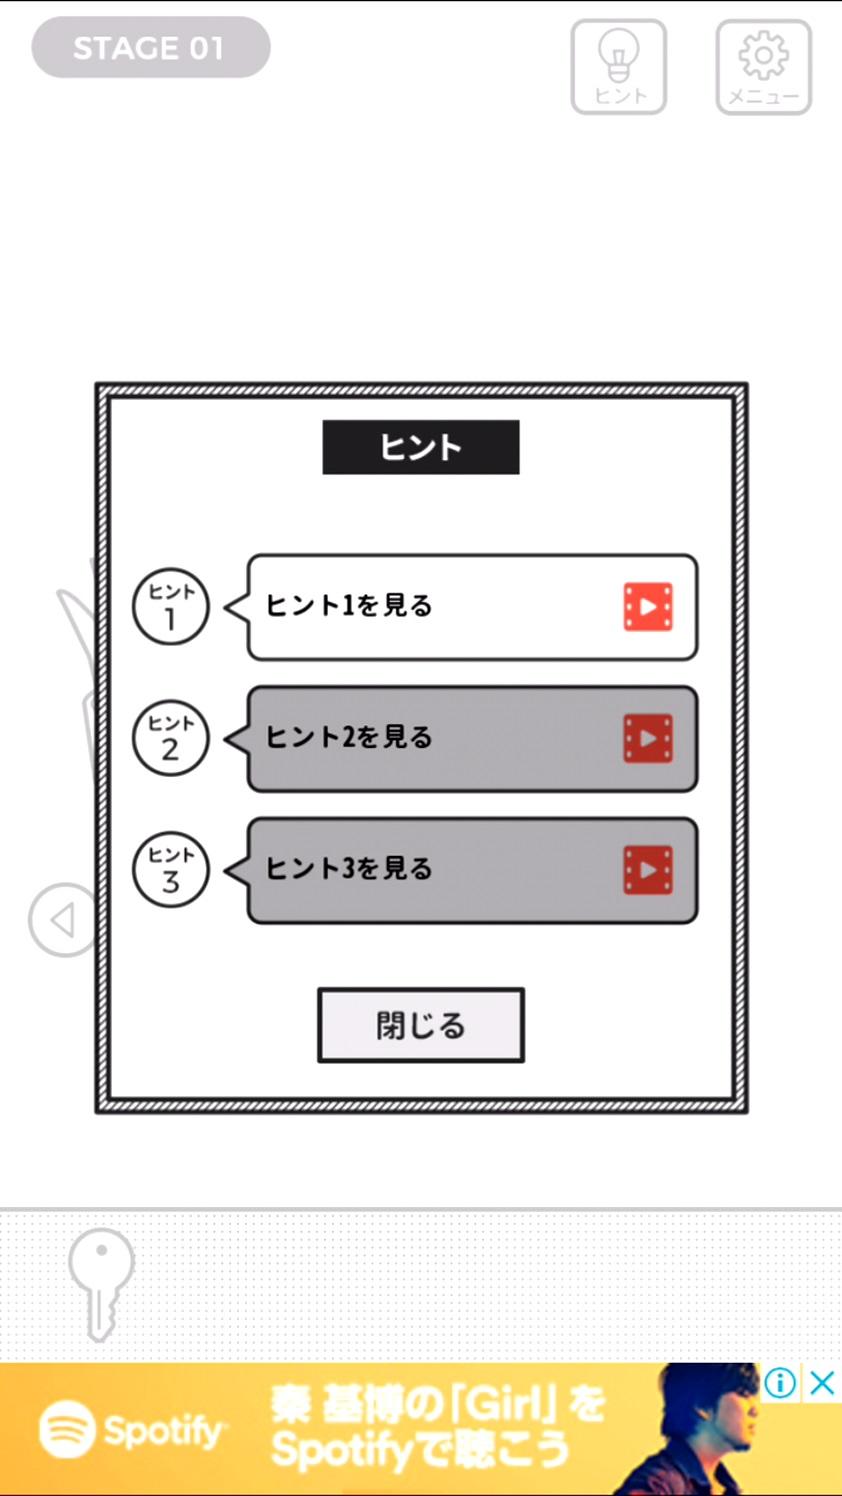 世界一理不尽な脱出ゲーム2 androidアプリスクリーンショット3